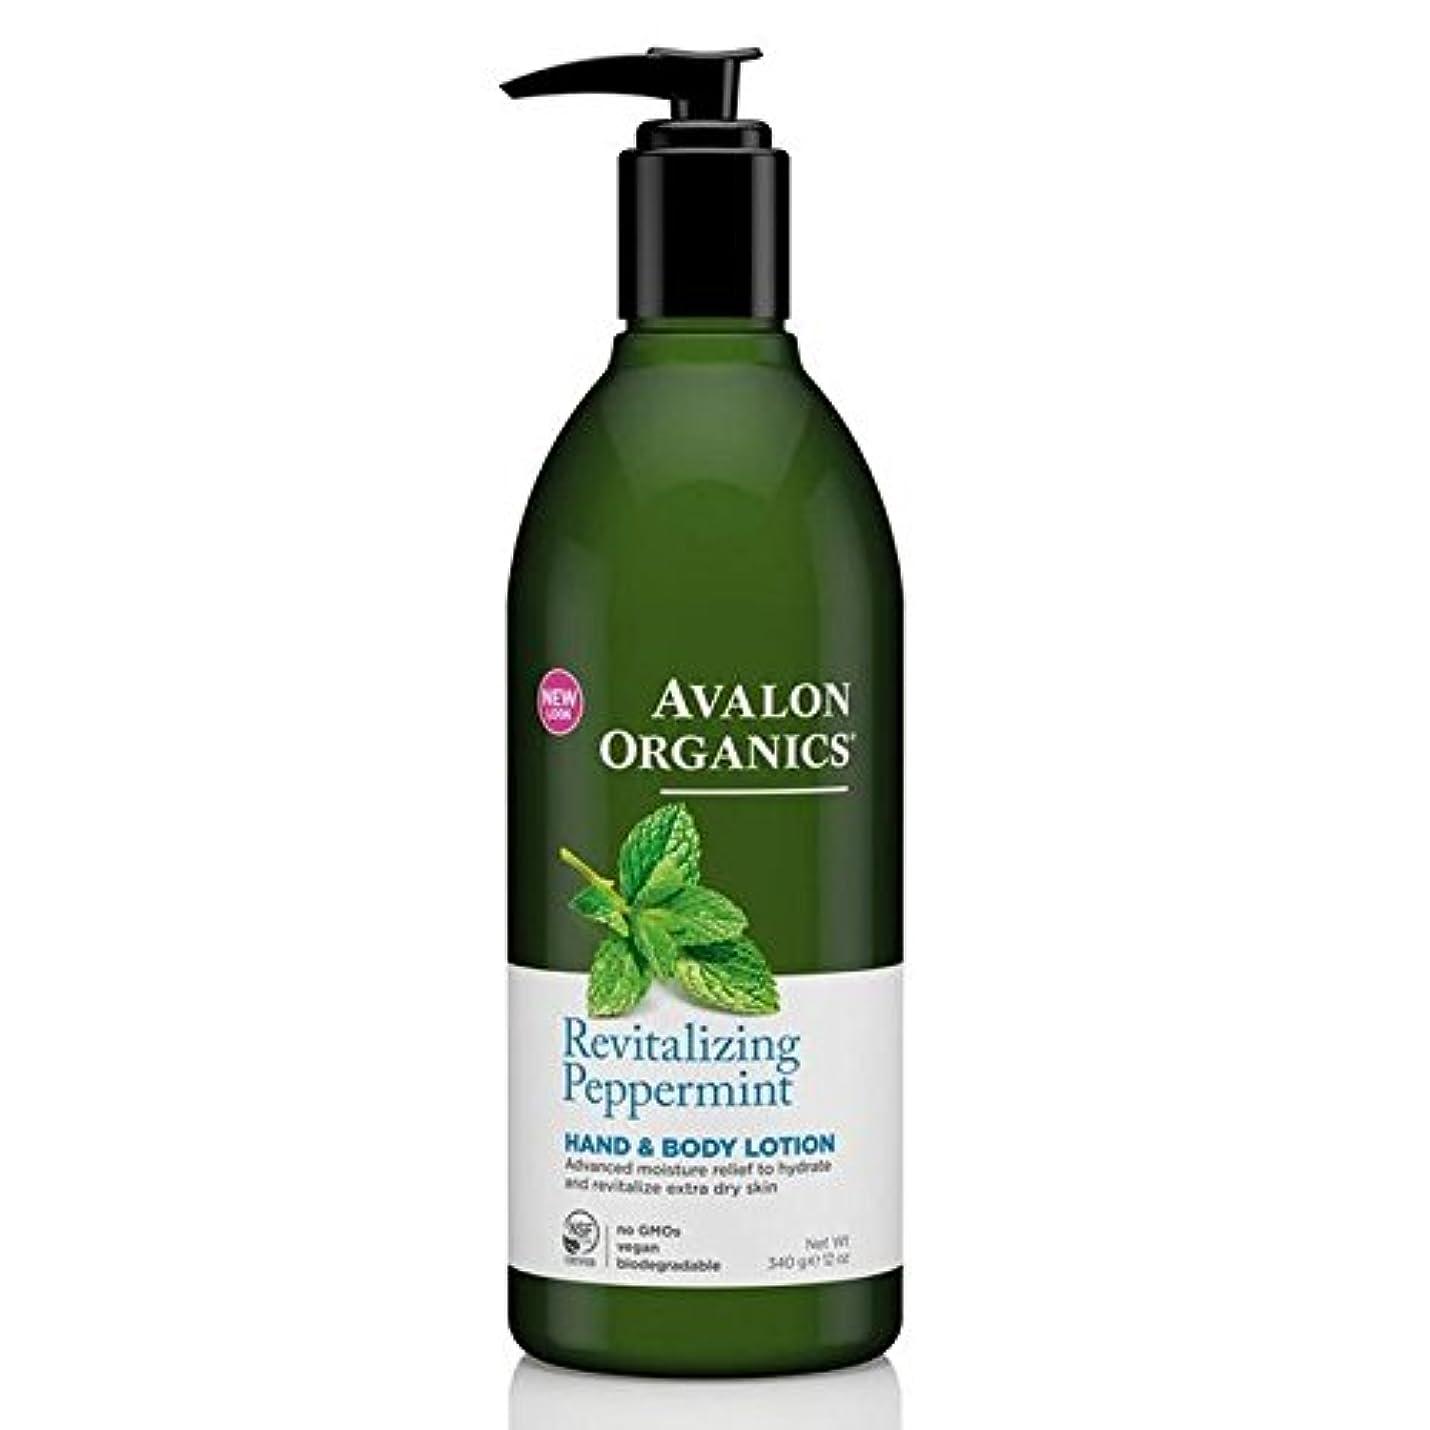 リスナーマトンネーピアAvalon Peppermint Hand & Body Lotion 340g - (Avalon) ペパーミントハンド&ボディローション340グラム [並行輸入品]